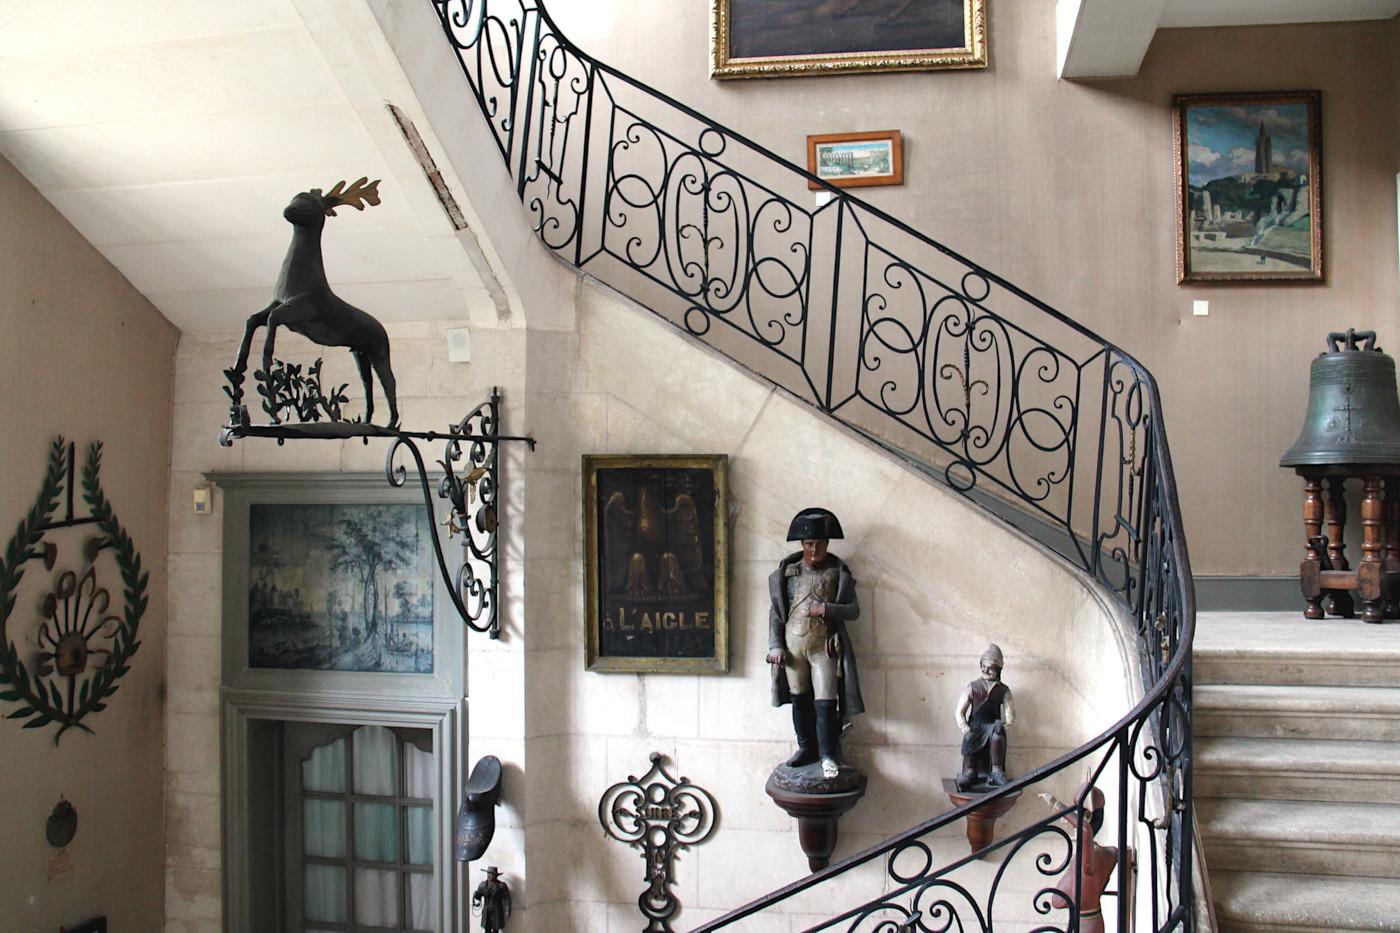 enseignes de commerces au musée dupuy mestreau à Saintes, dans le hall d'entrée.